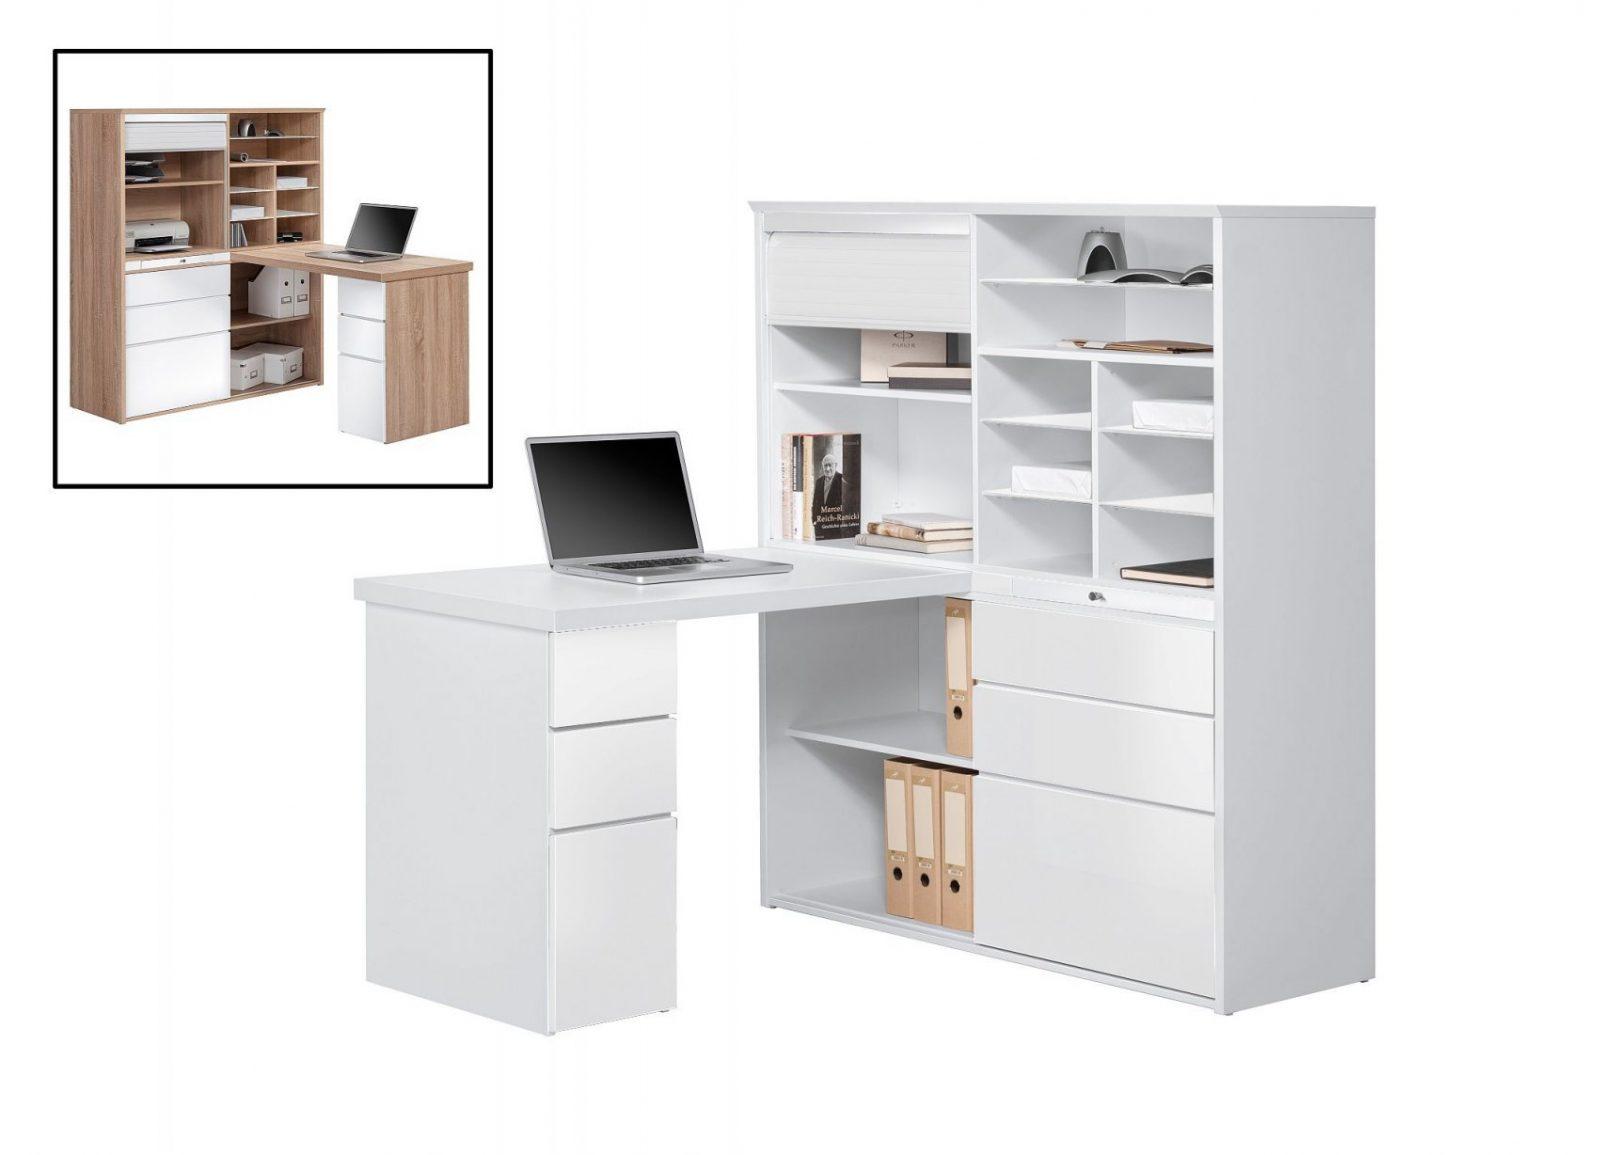 Minioffice  Büroschrank Mit Integriertem Schreibtisch Modmj128 Icy von Schrank Mit Integriertem Schreibtisch Photo